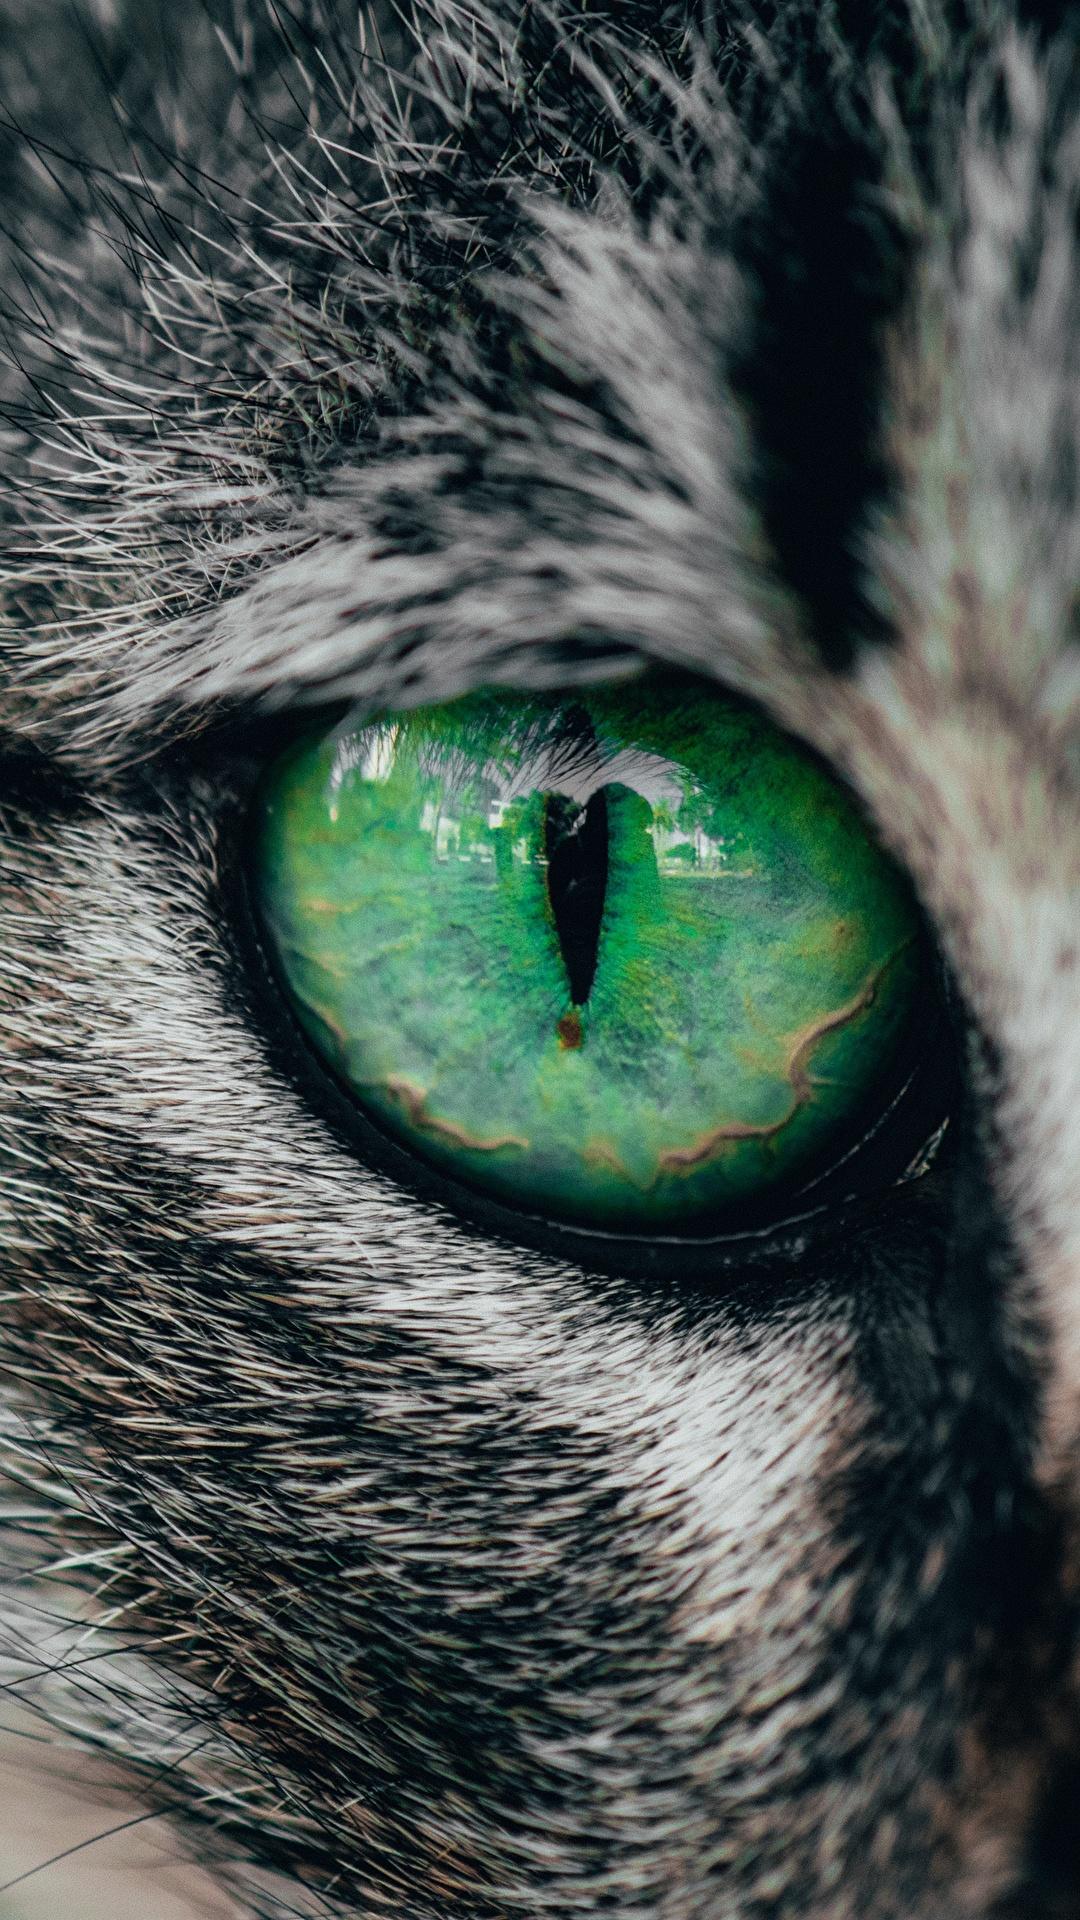 Fotos von Hauskatze Augen Tiere Nahaufnahme 1080x1920 für Handy Katze Katzen hautnah ein Tier Großansicht